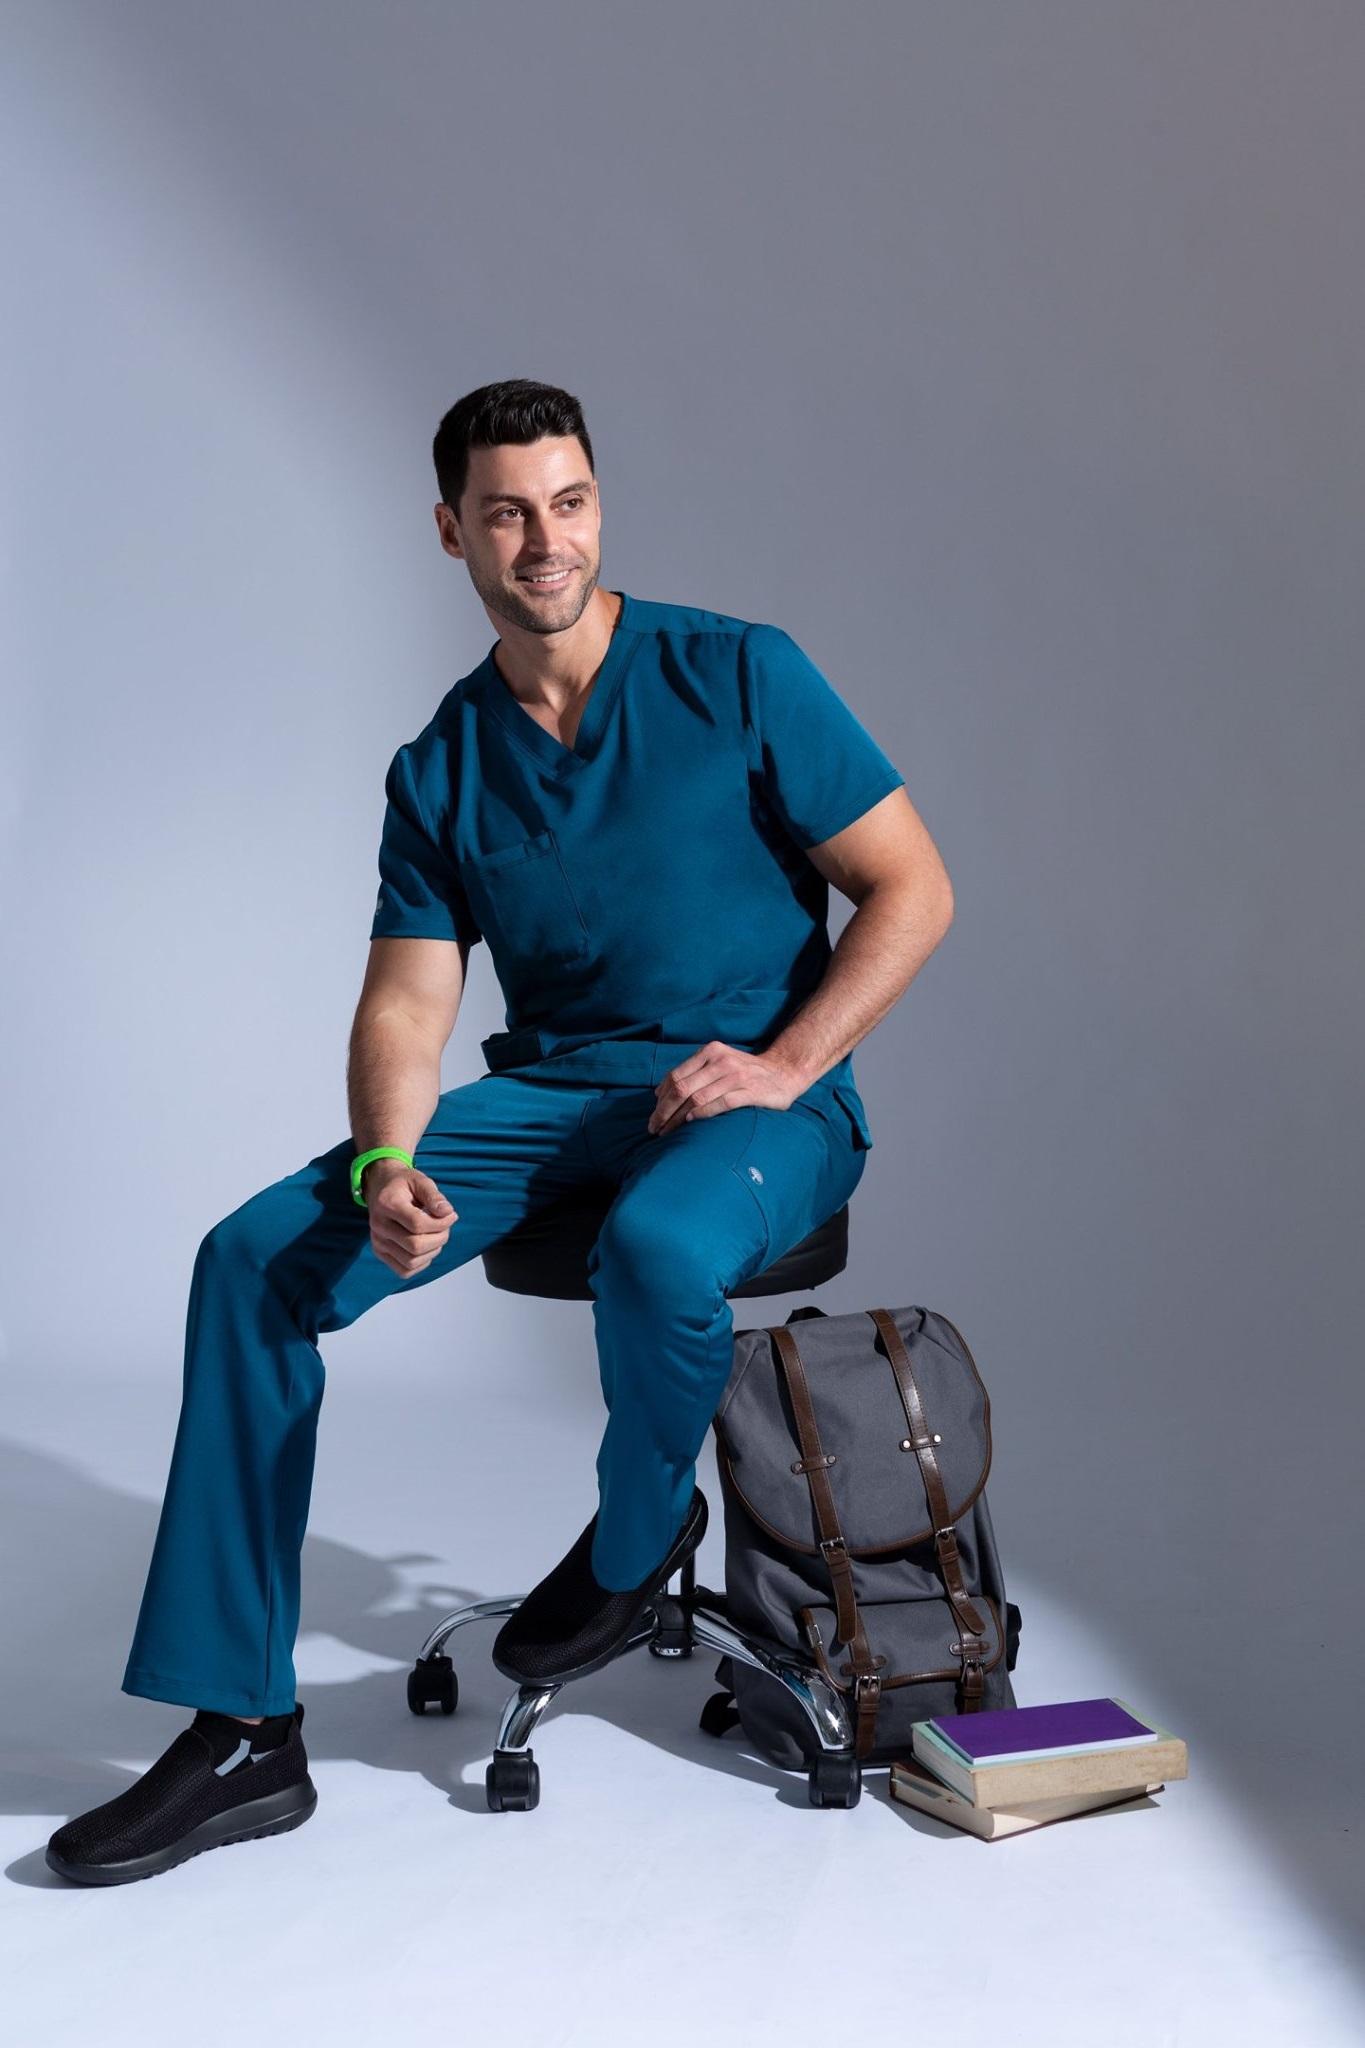 комплекты медицинской одежды